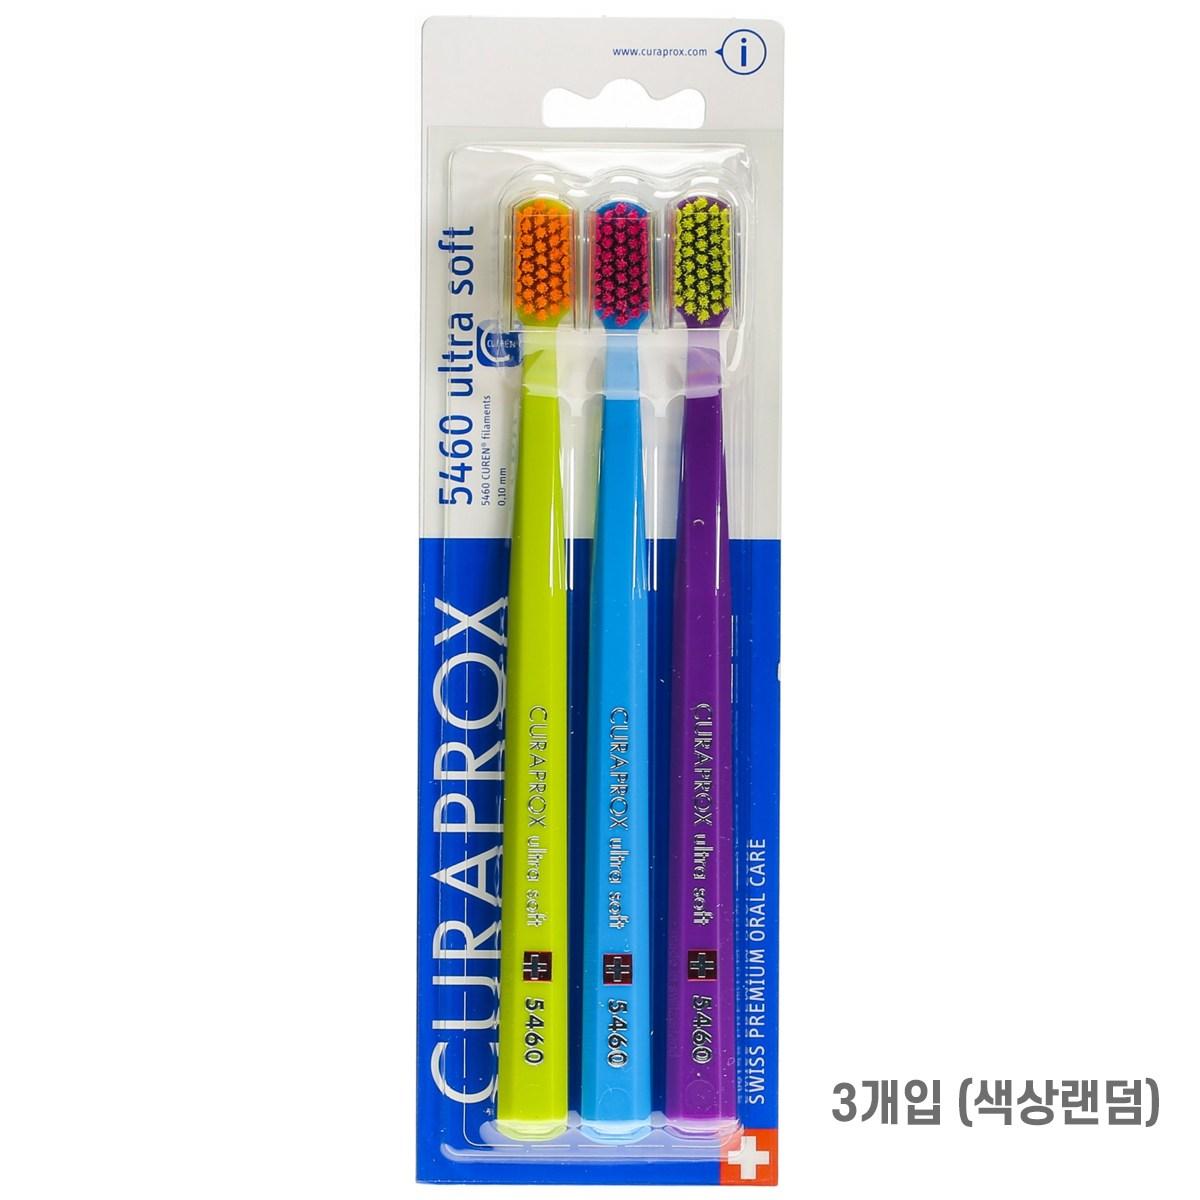 큐라덴 큐라덴 큐라프록스 소프트 칫솔 CS 5460 3개입(색상랜덤), 단품, 단품